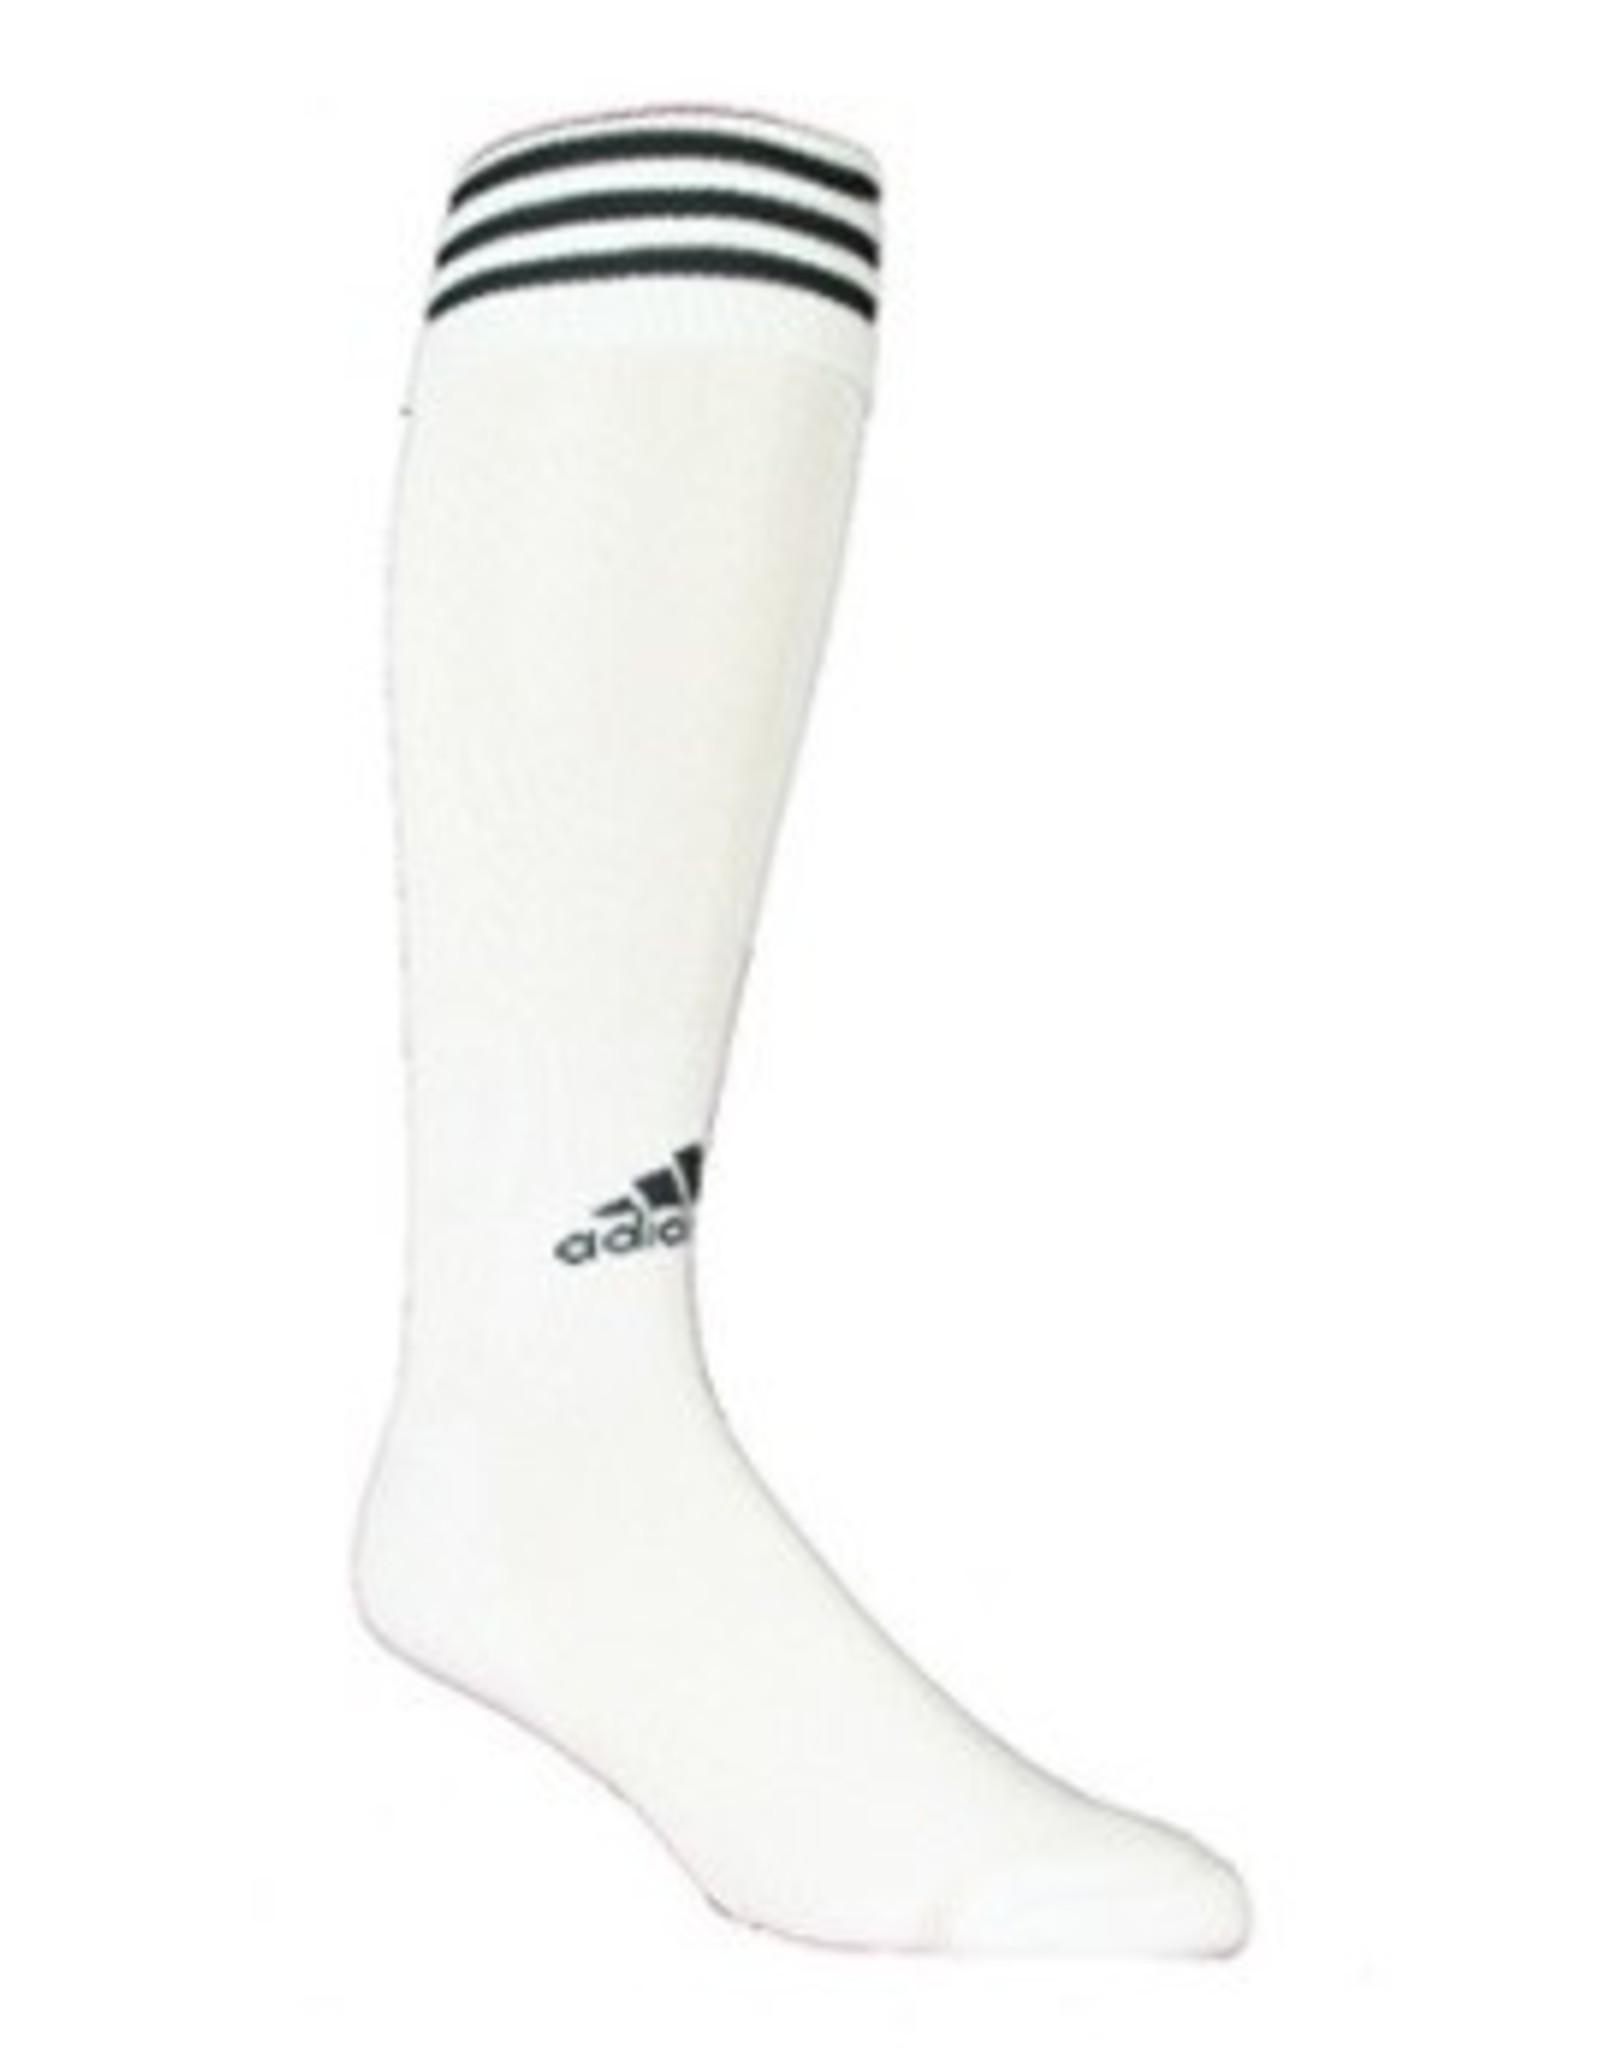 Adidas Adidas Copa Zone 11 Socks White w/Black 7-8.5 size